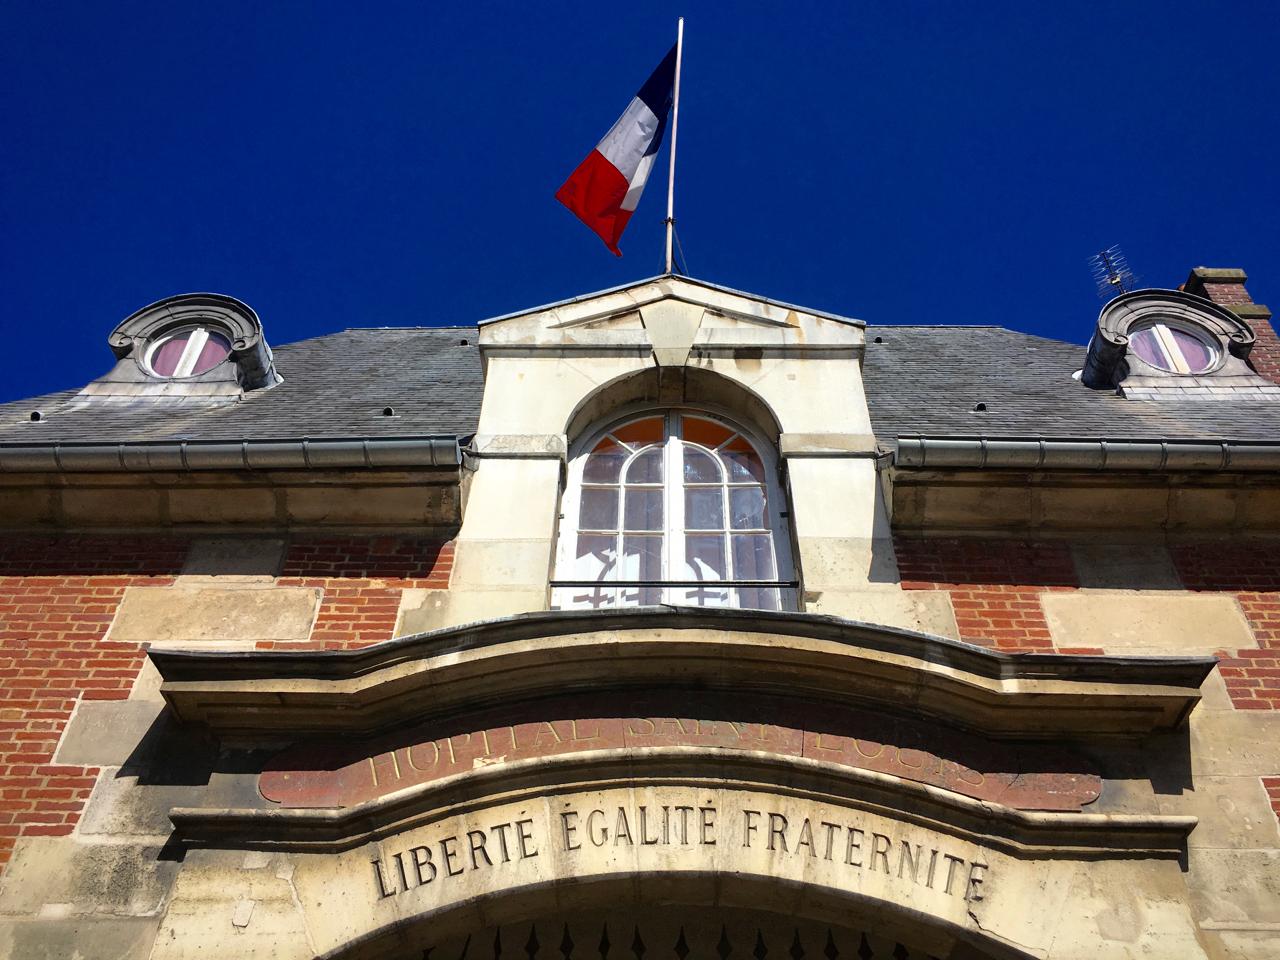 liberte egalite fraternite paris